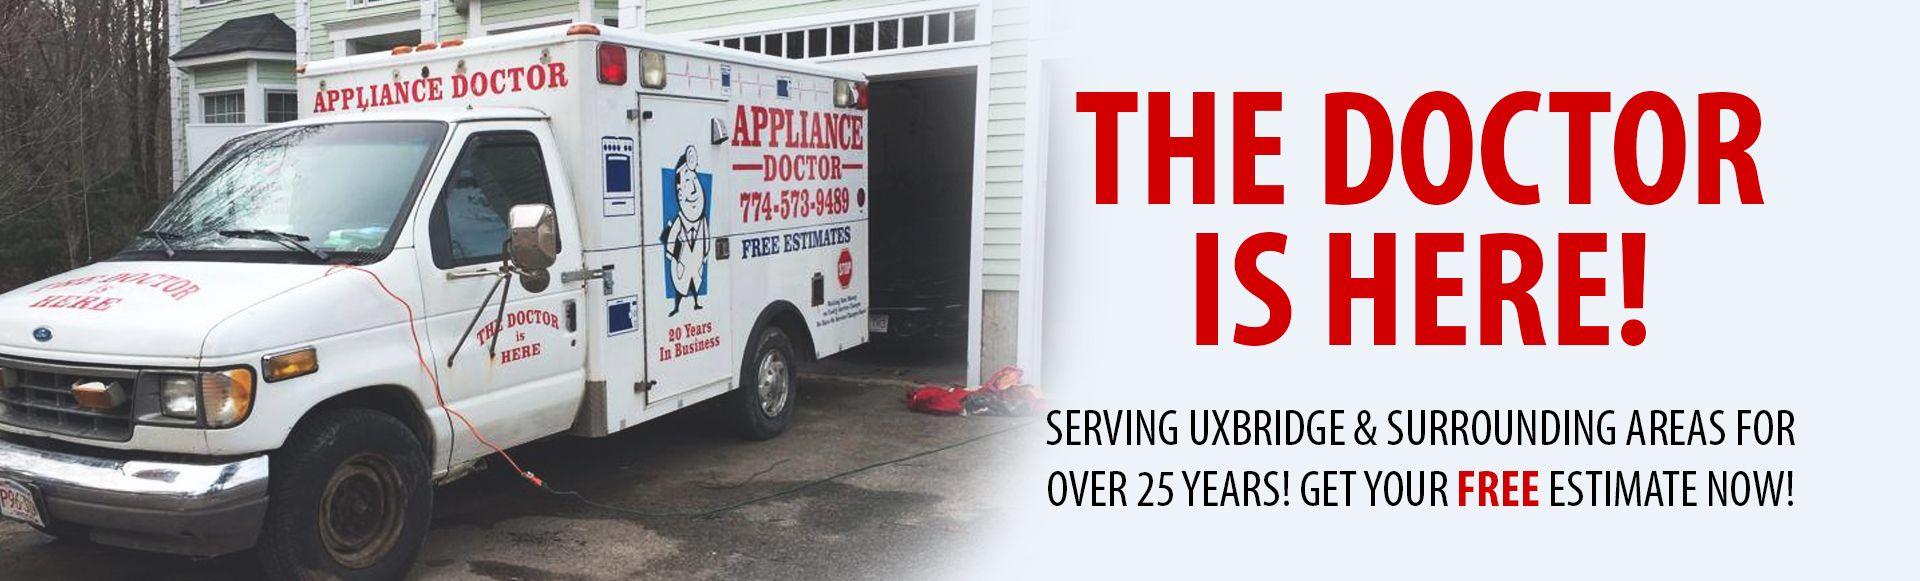 Appliance Doctor Uxbridge Ma